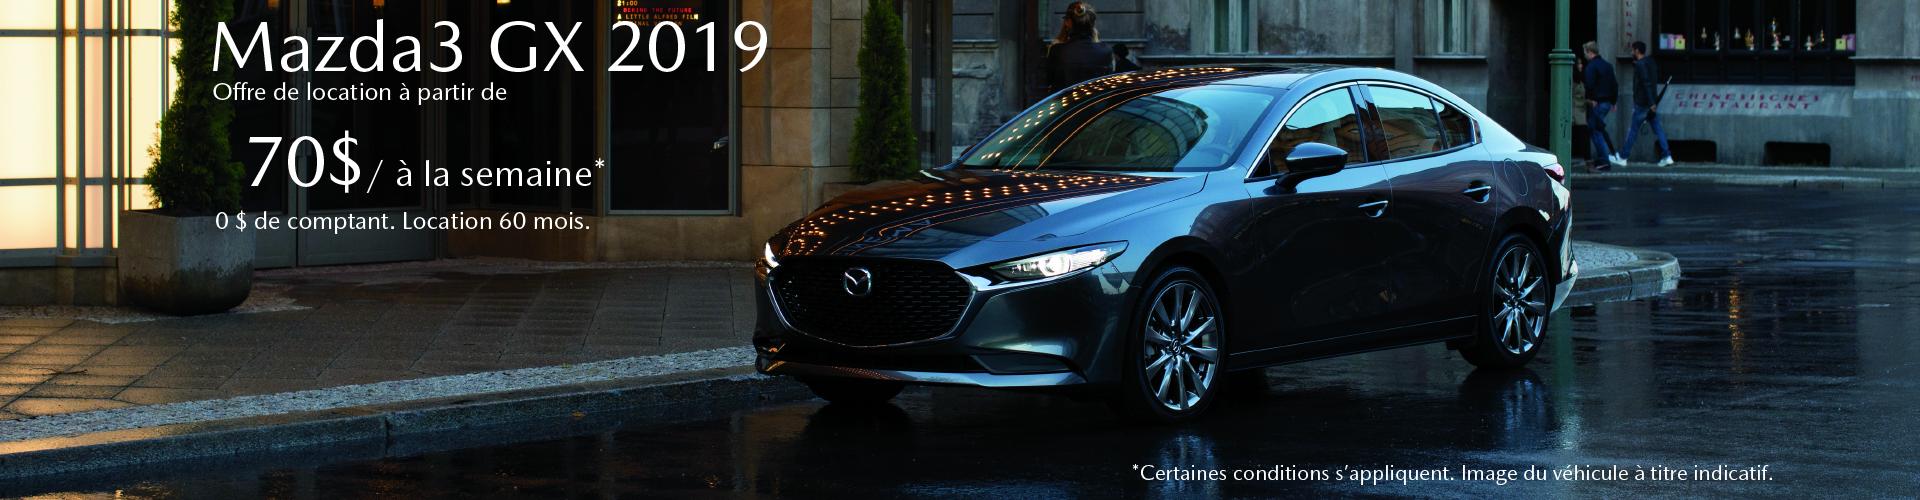 FR Mazda3 GX 2019 (Anjou)